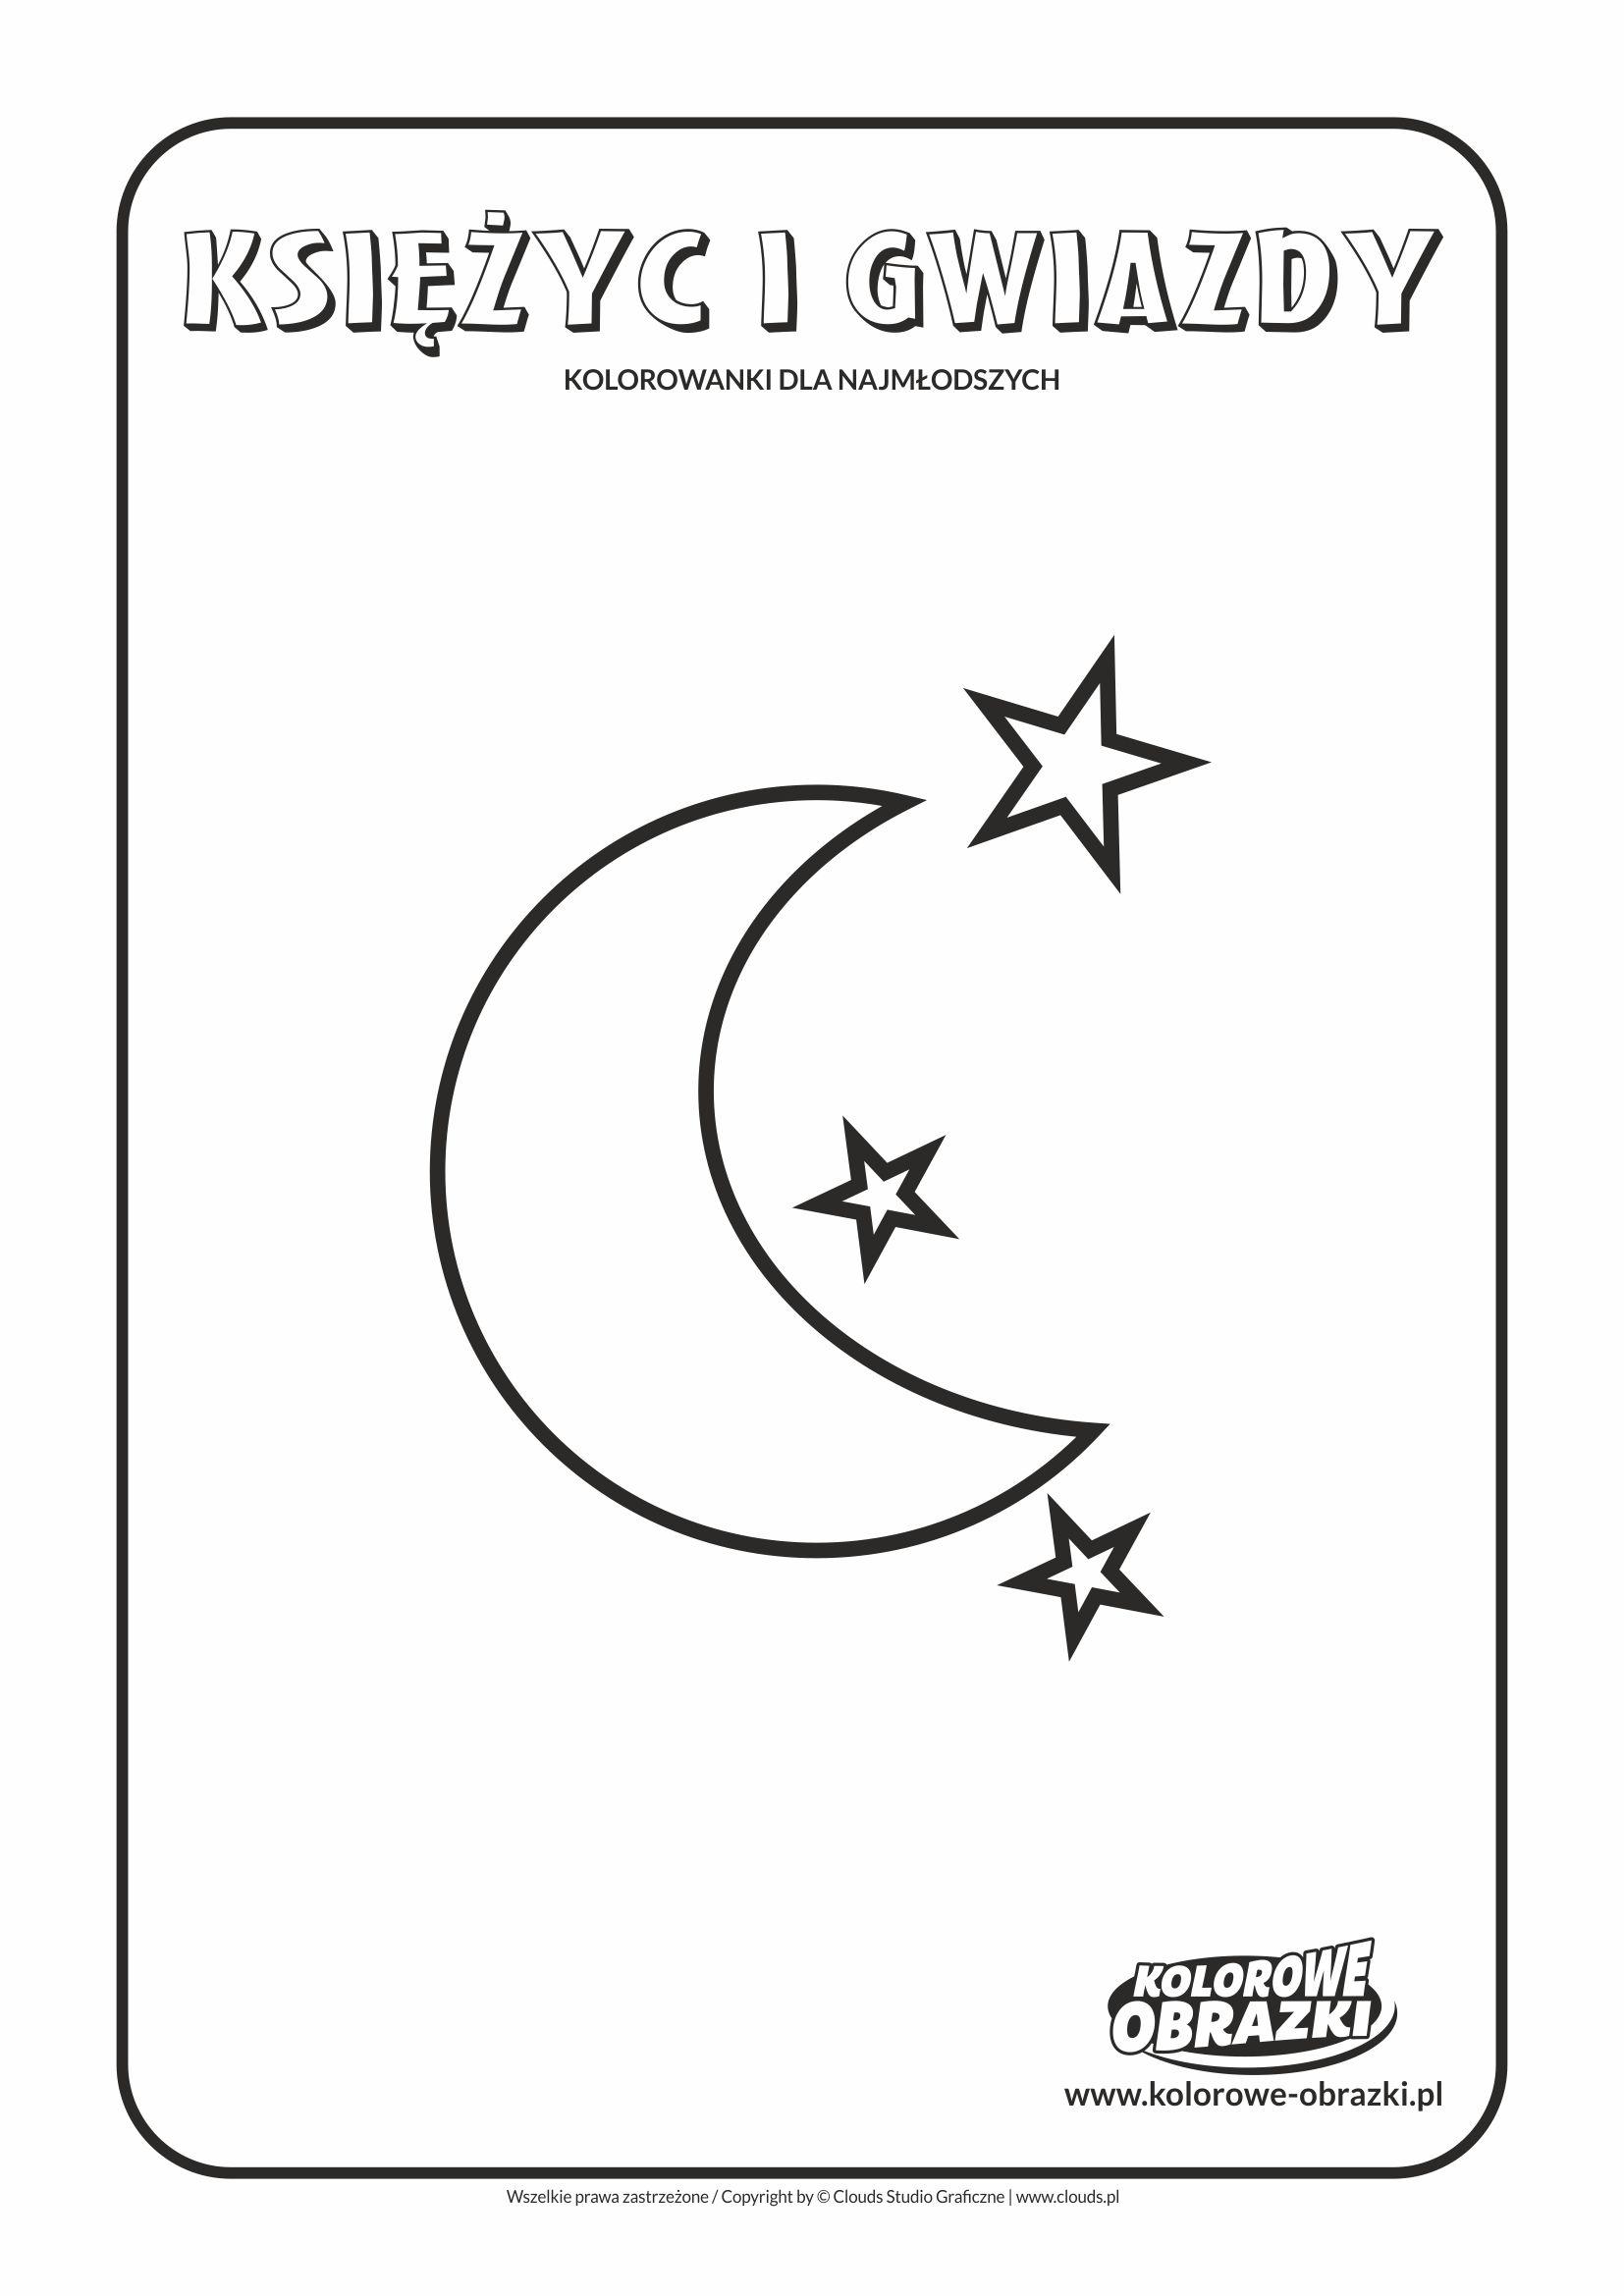 Proste kolorowanki dla najmłodszych - Kształty / Księżyc i gwiazdy. Kolorowanka z księżycem i gwiazdami